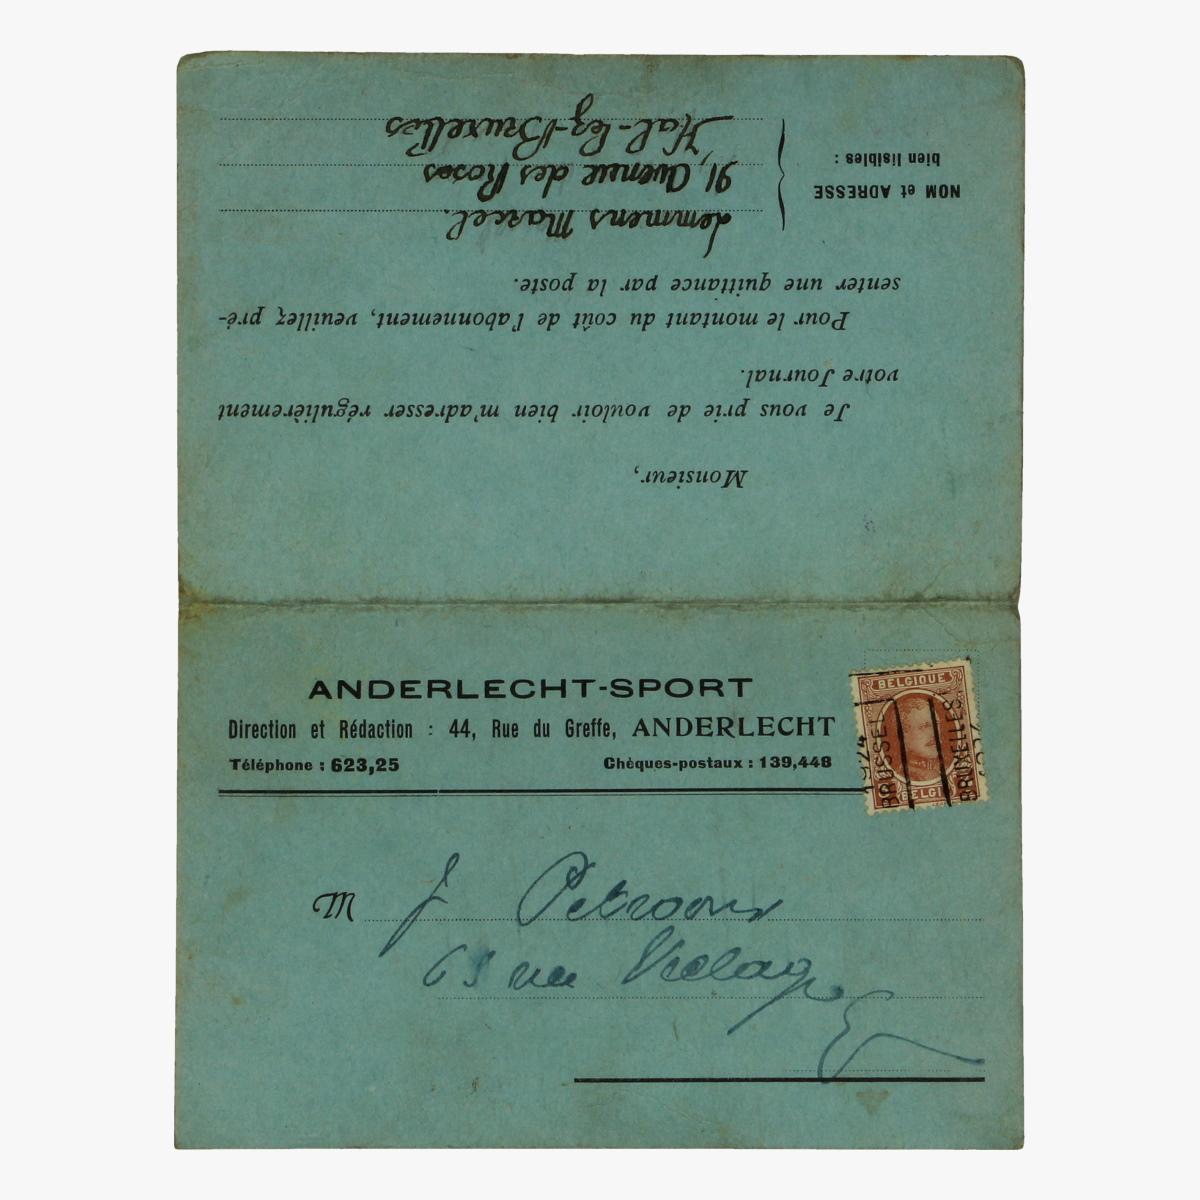 Afbeeldingen van aanvraag formulier voor dagblad anderlechtsport 1924